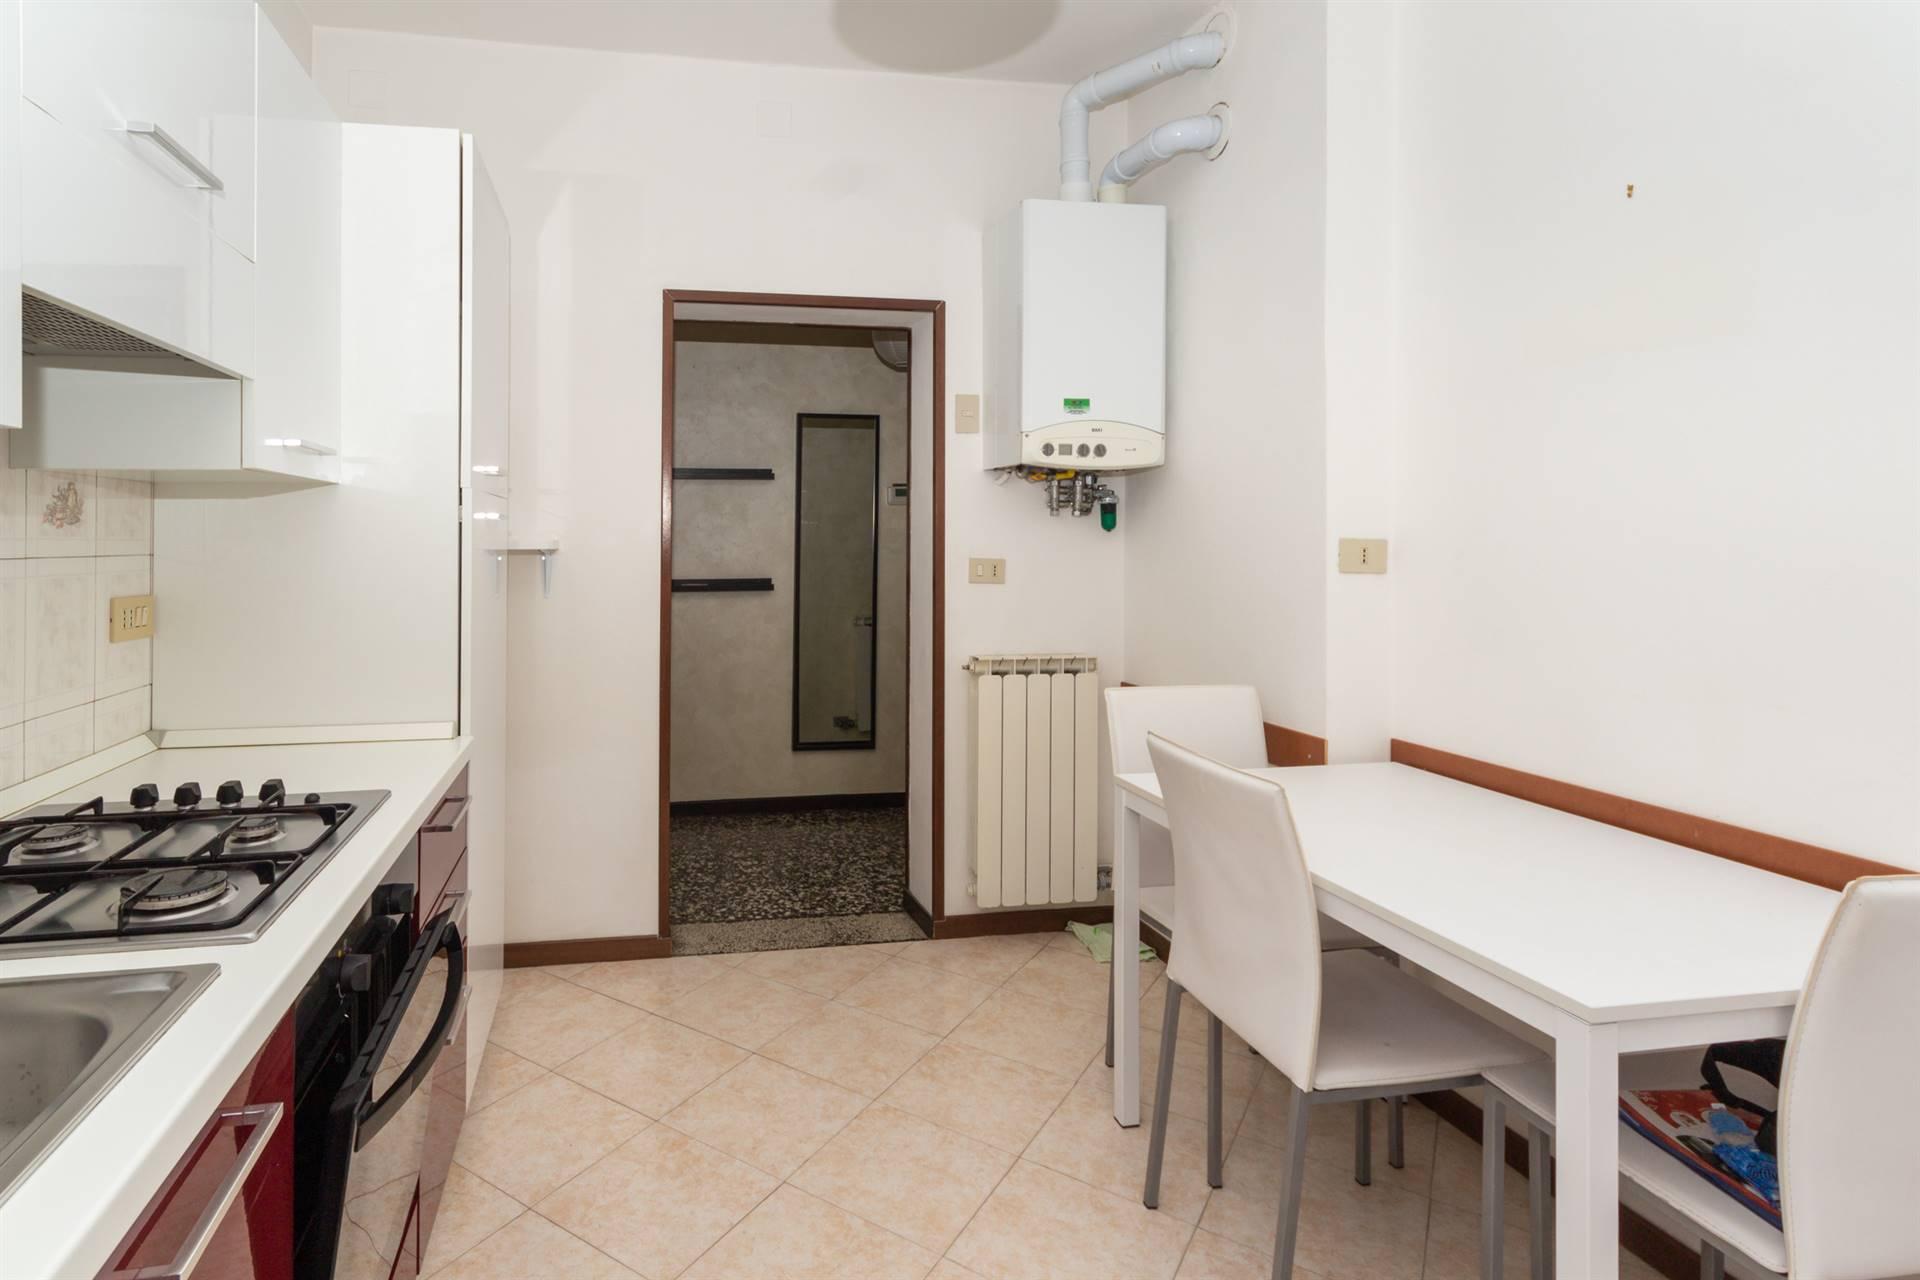 Mestre da due passi dal centro in laterale di viale Garibaldi proponiamo appartamento al secondo piano composto da ingresso, soggiorno, cucina